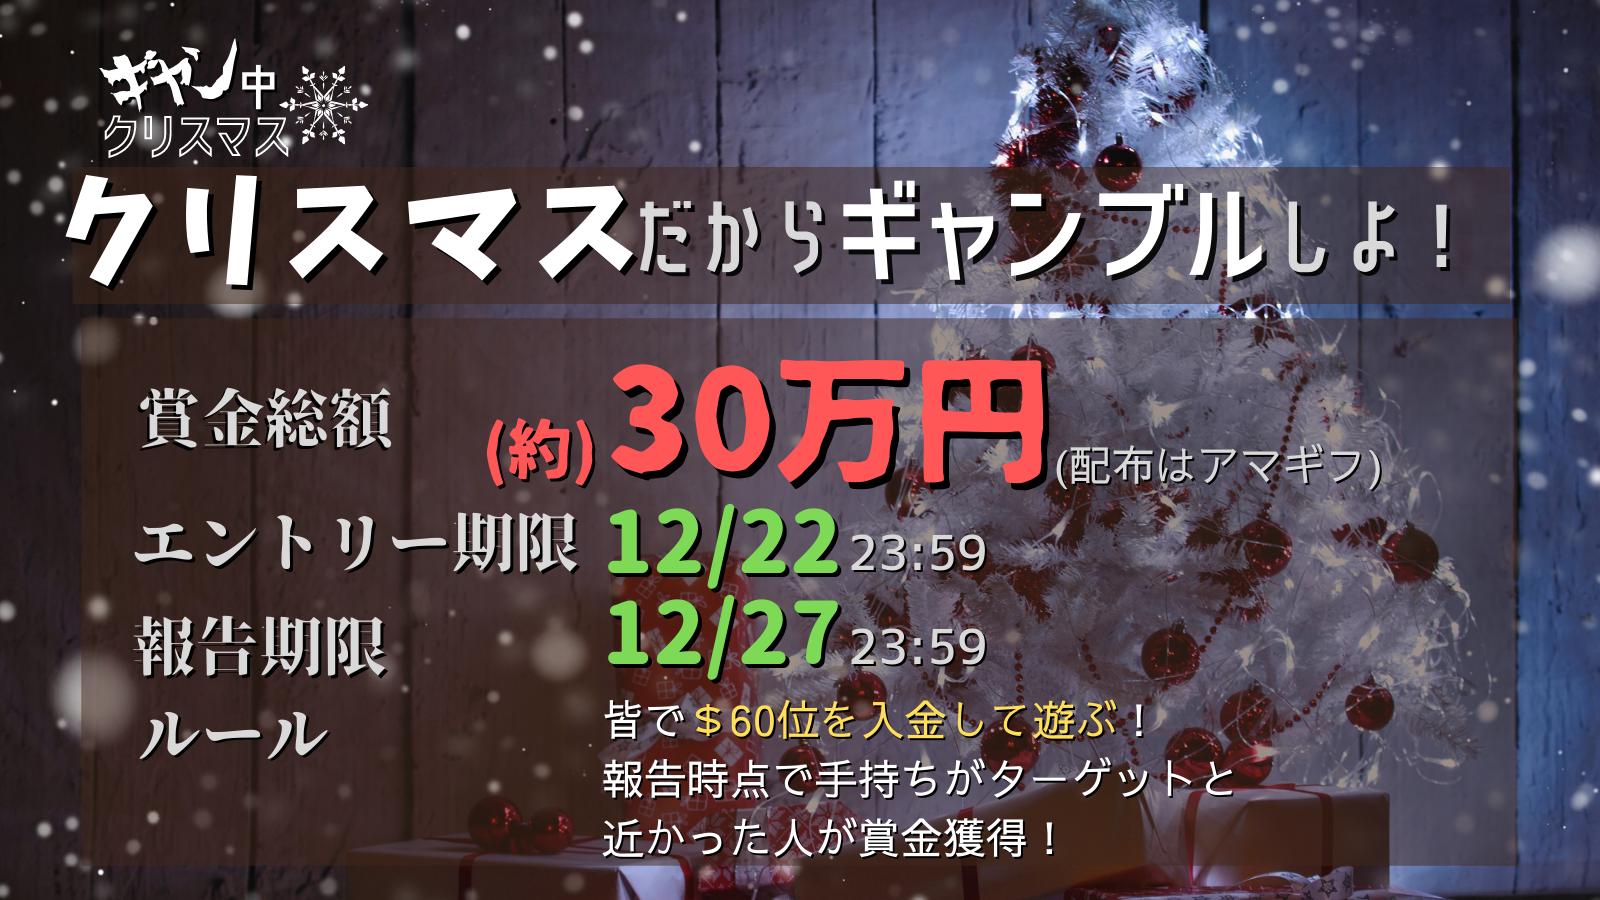 ギャン中クリスマスアイキャッチ